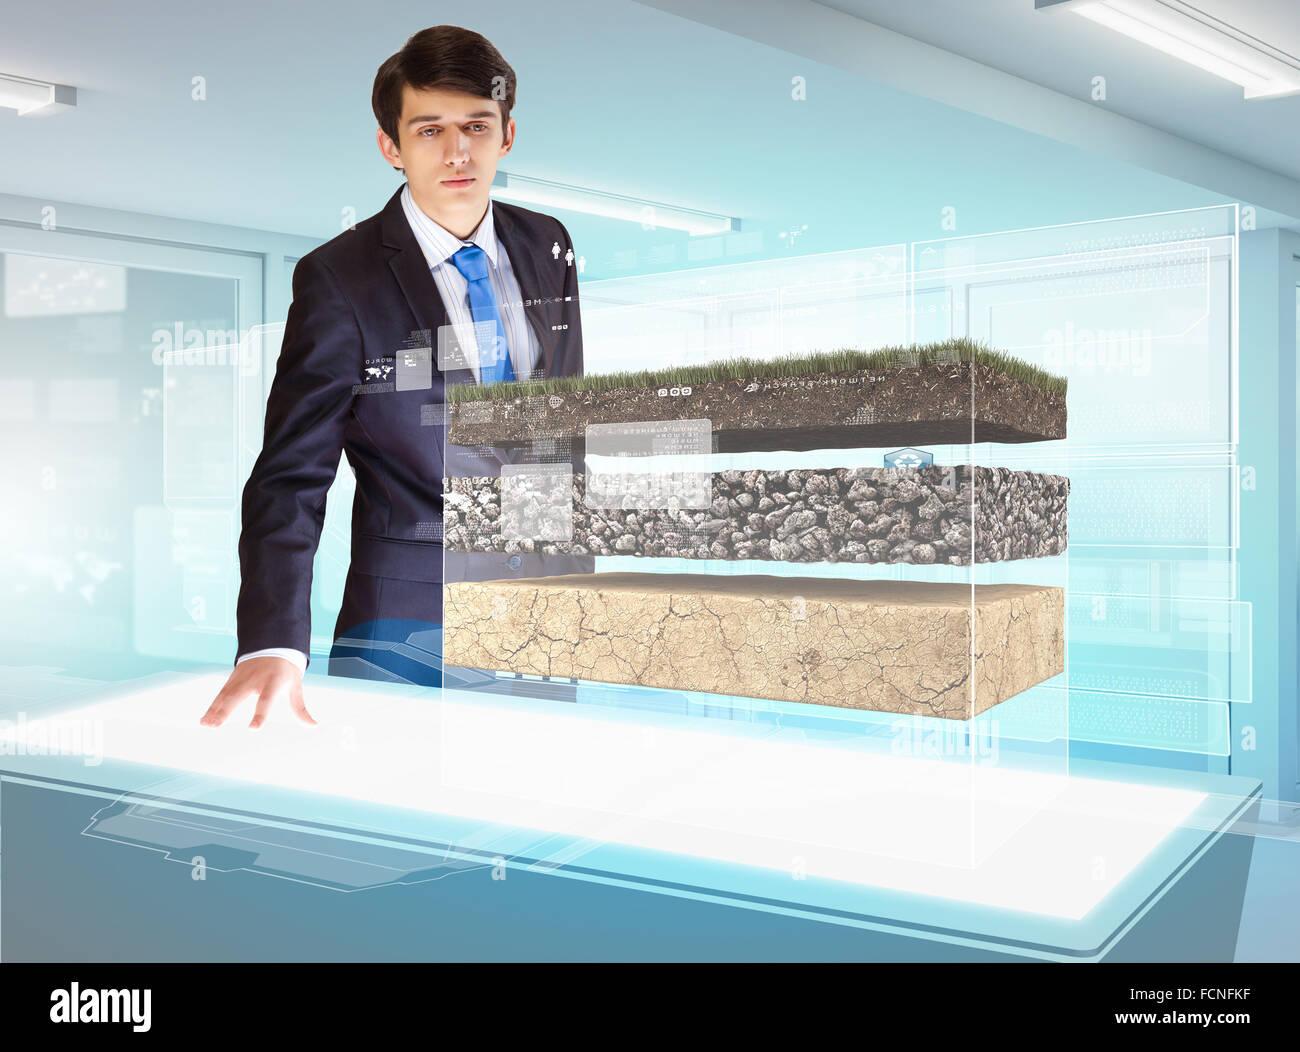 Image à haute technologie à l'image de la terre végétale Photo Stock